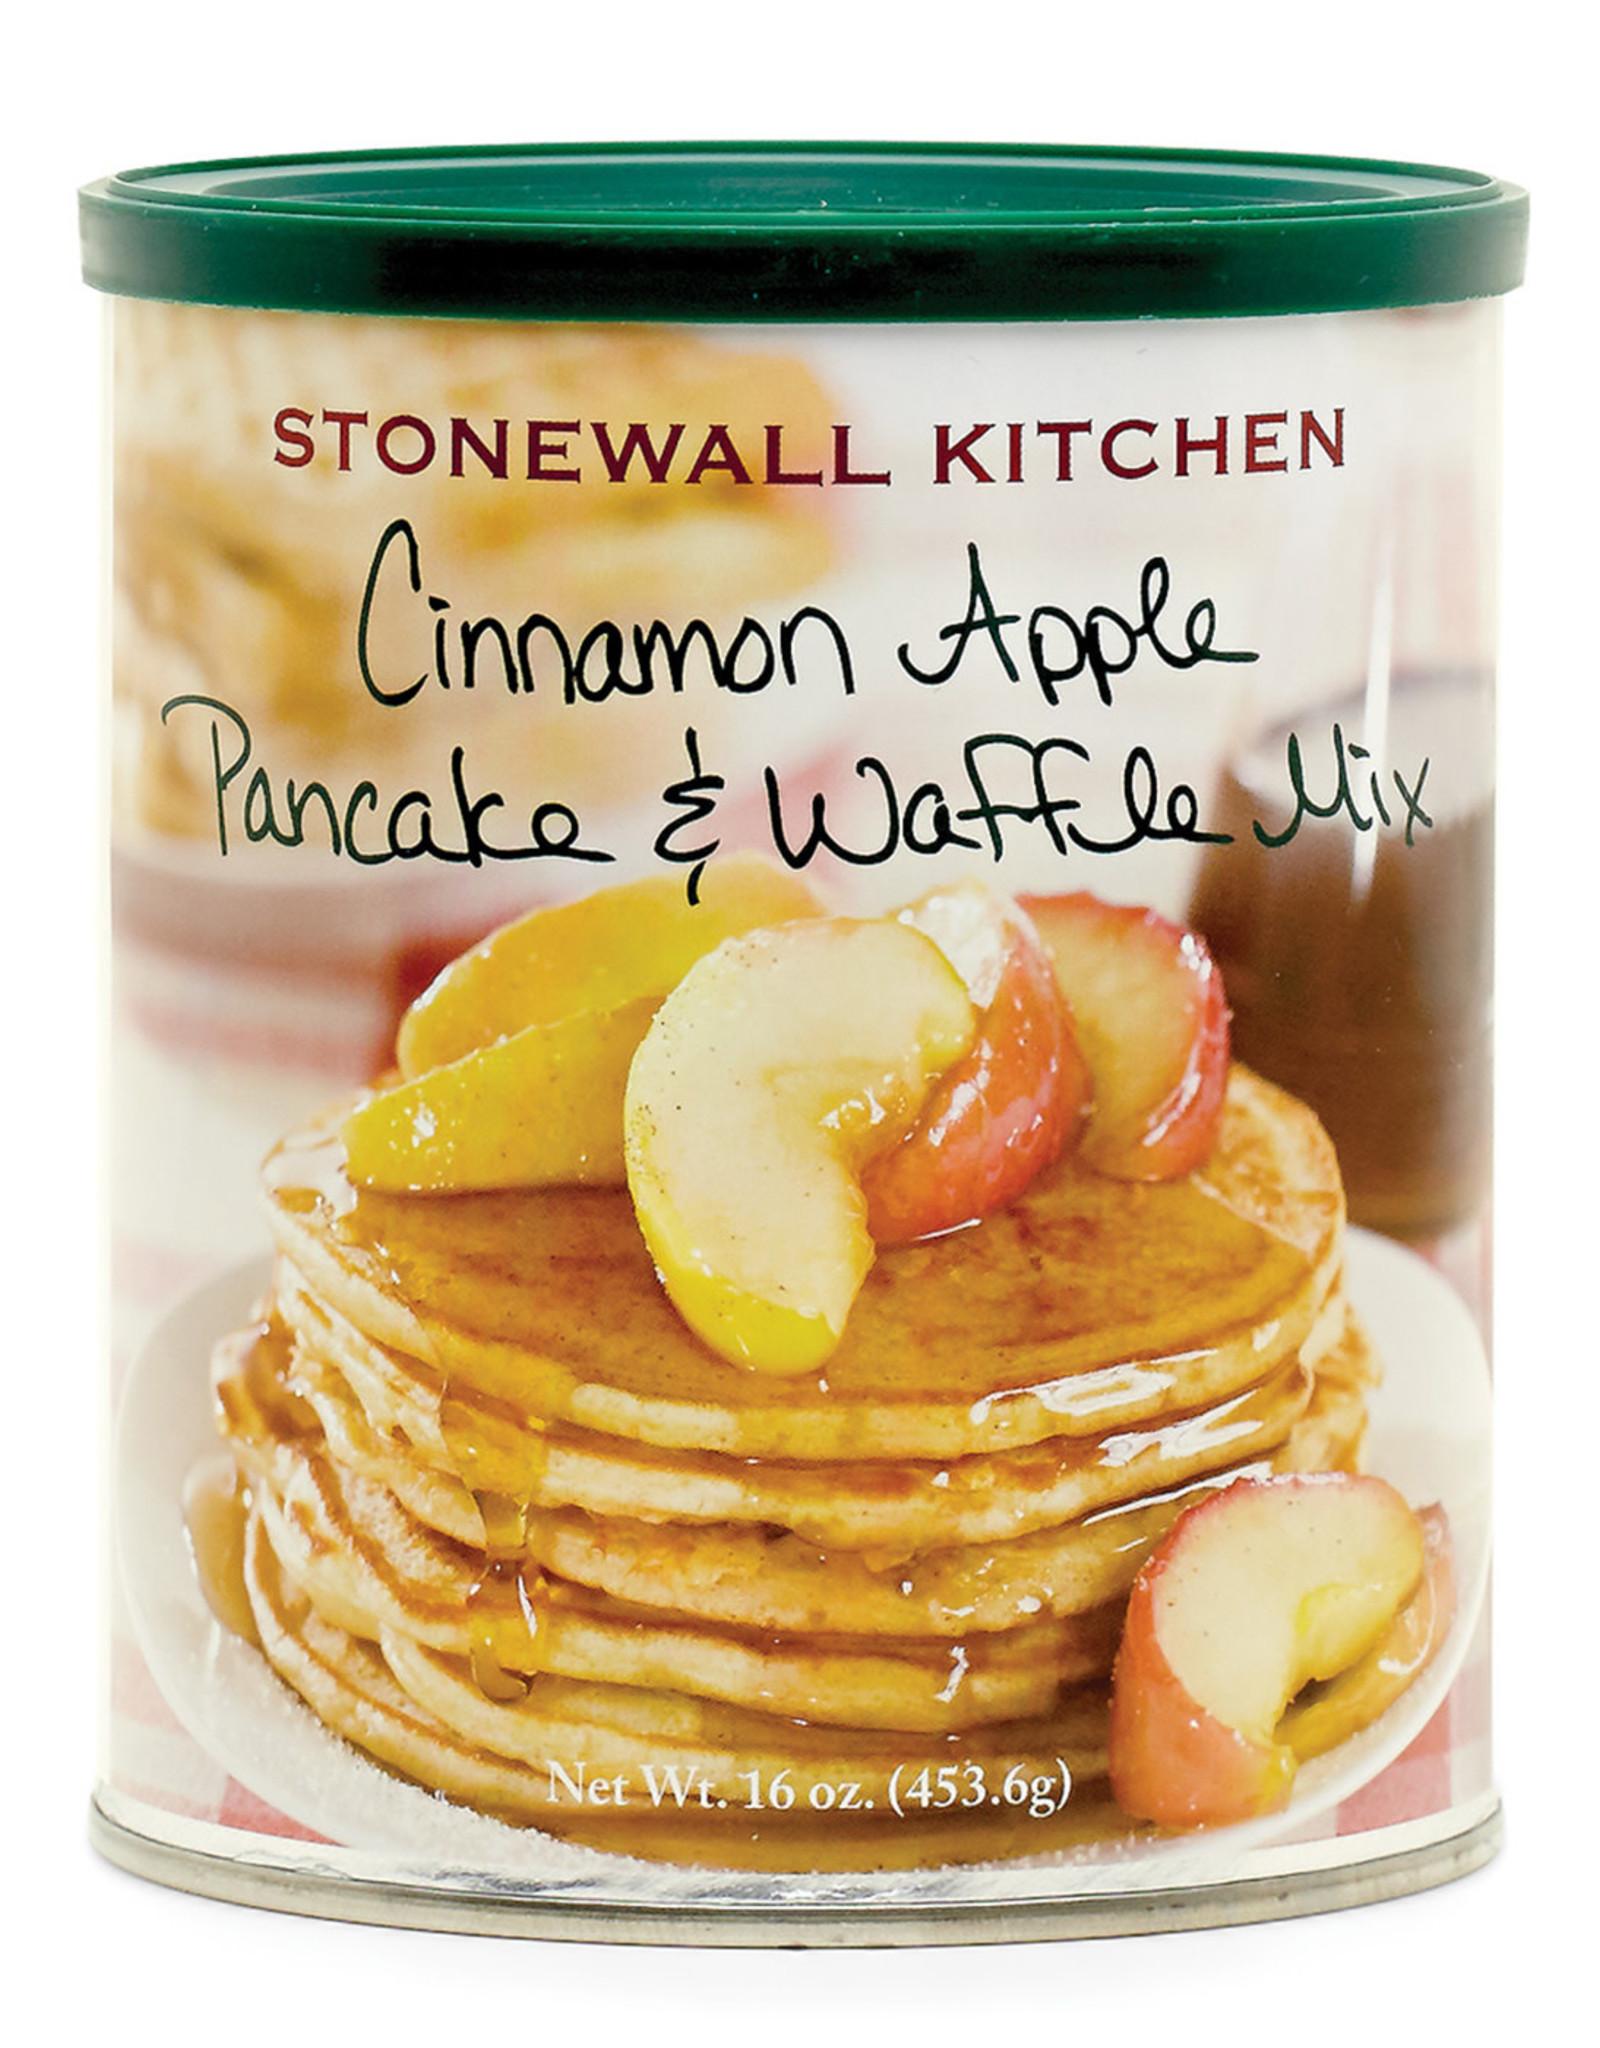 Stonewall Kitchen Cinnamon Apple Pancake & Waffle Mix